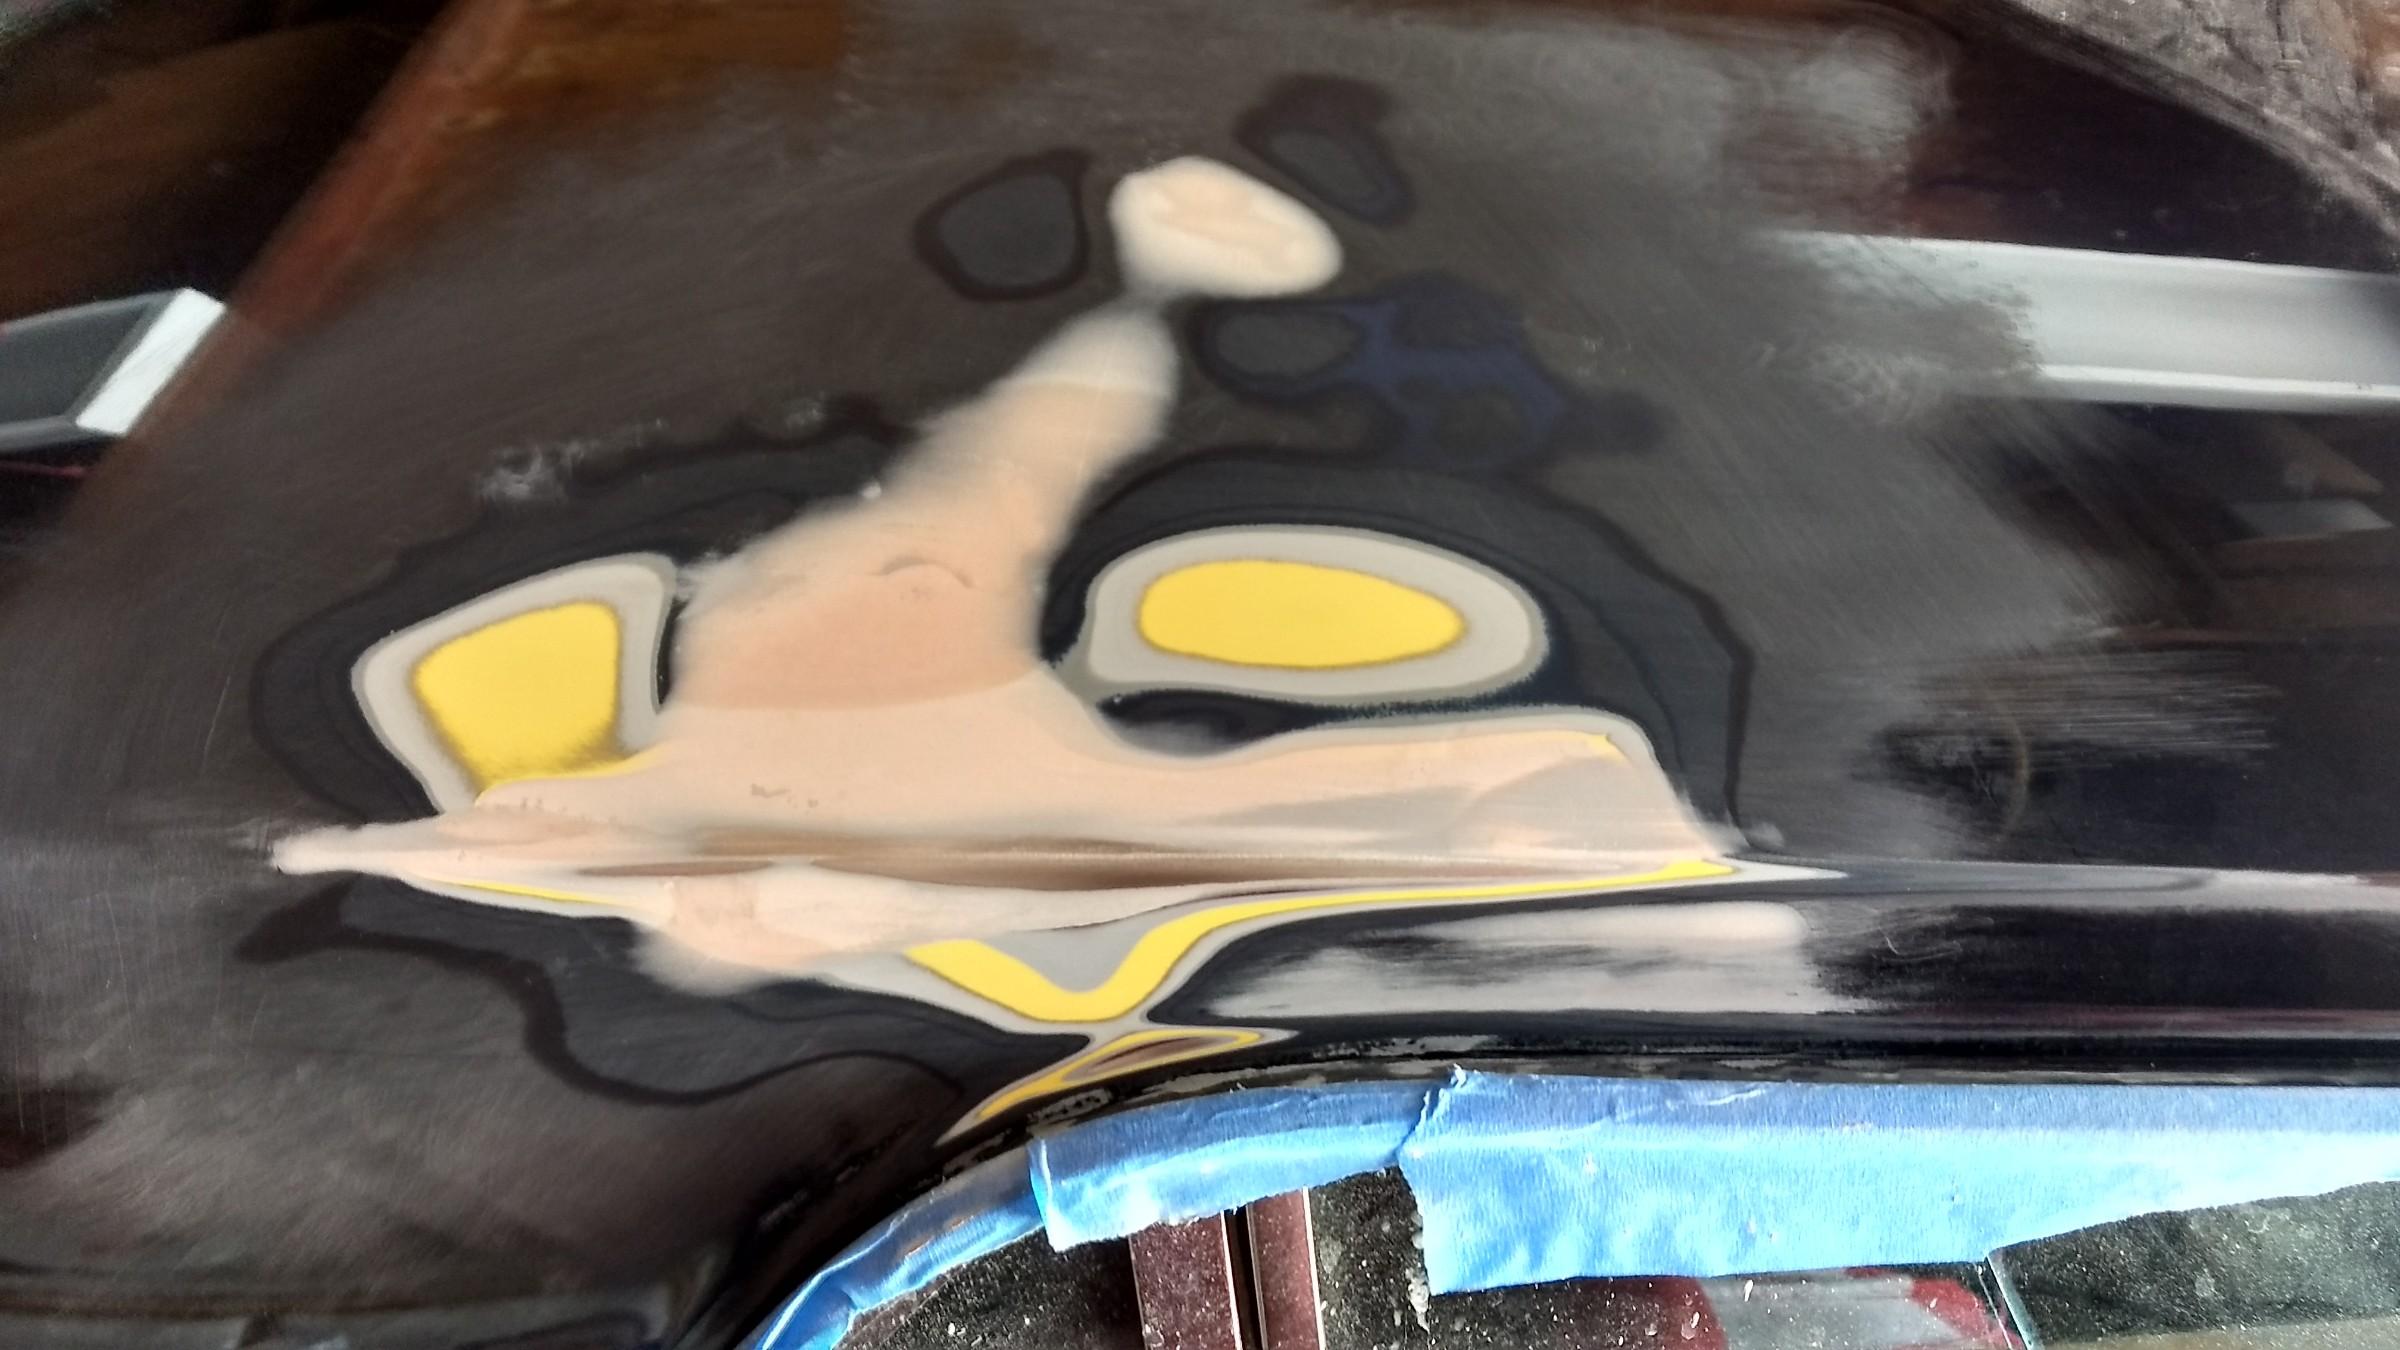 Repairing paint on my 66 Mustang